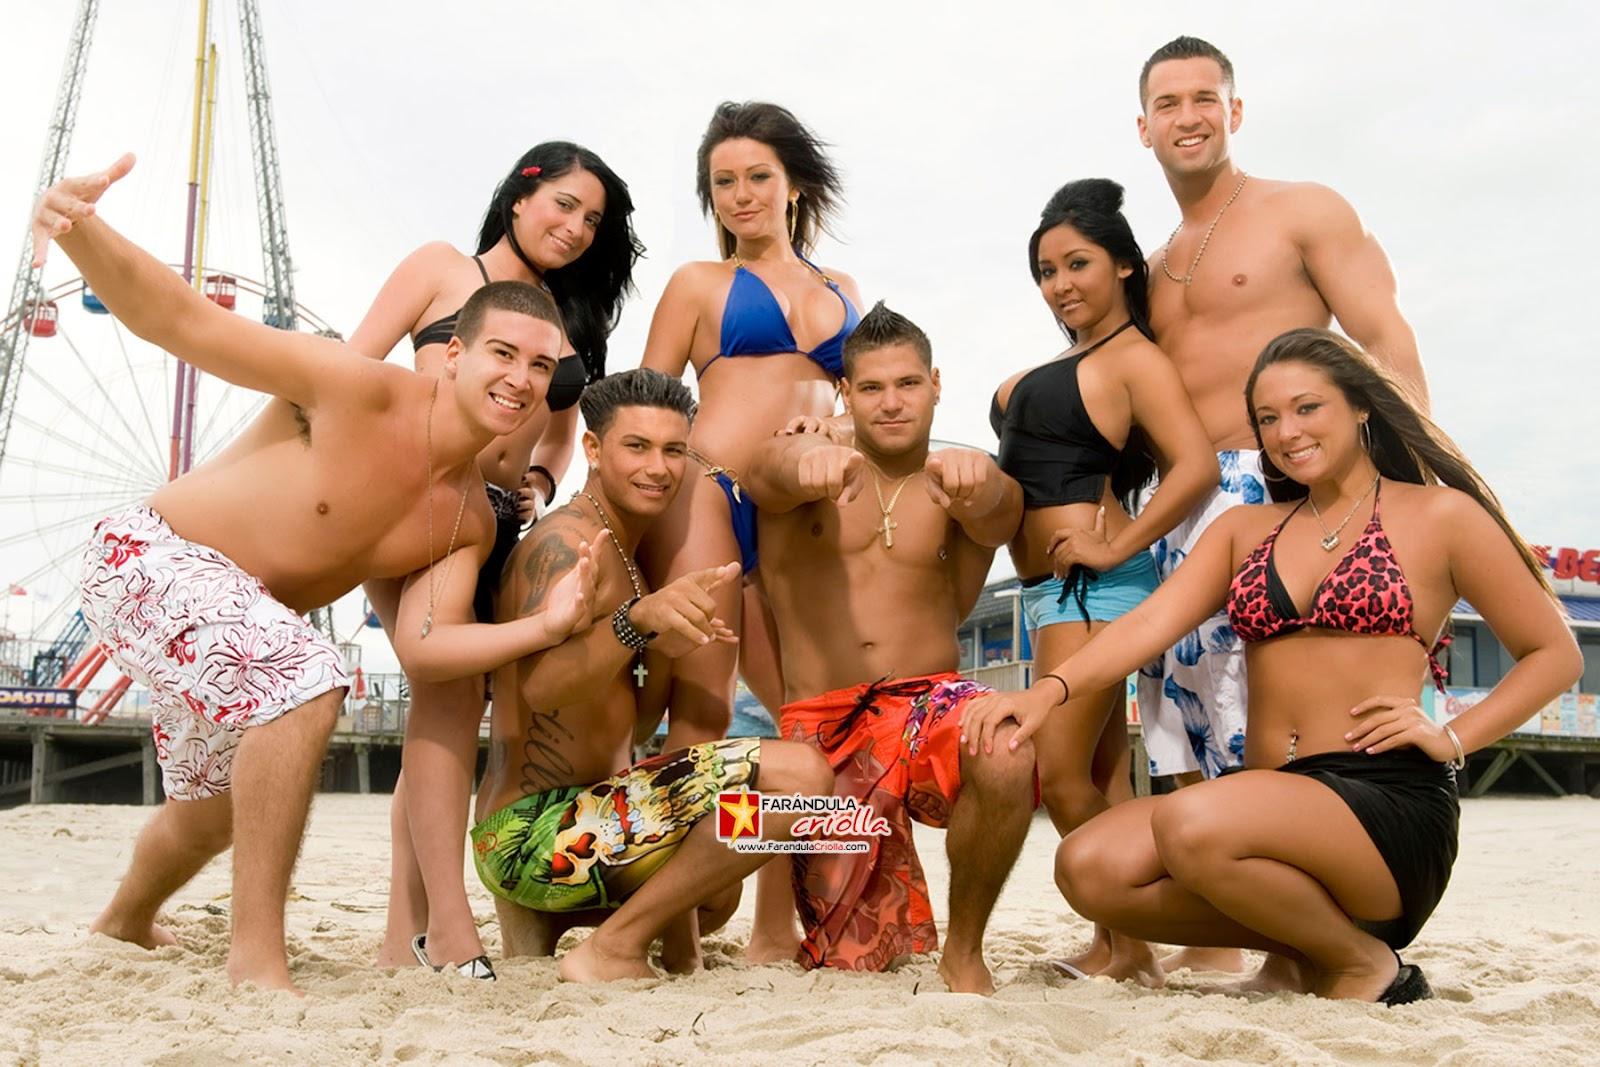 http://4.bp.blogspot.com/-M9iWxTasutk/UEDW83bWsDI/AAAAAAAAAq0/Q46ViZRKW44/s1600/JERSEY-SHORE-Full_Cast_Beach1.jpg